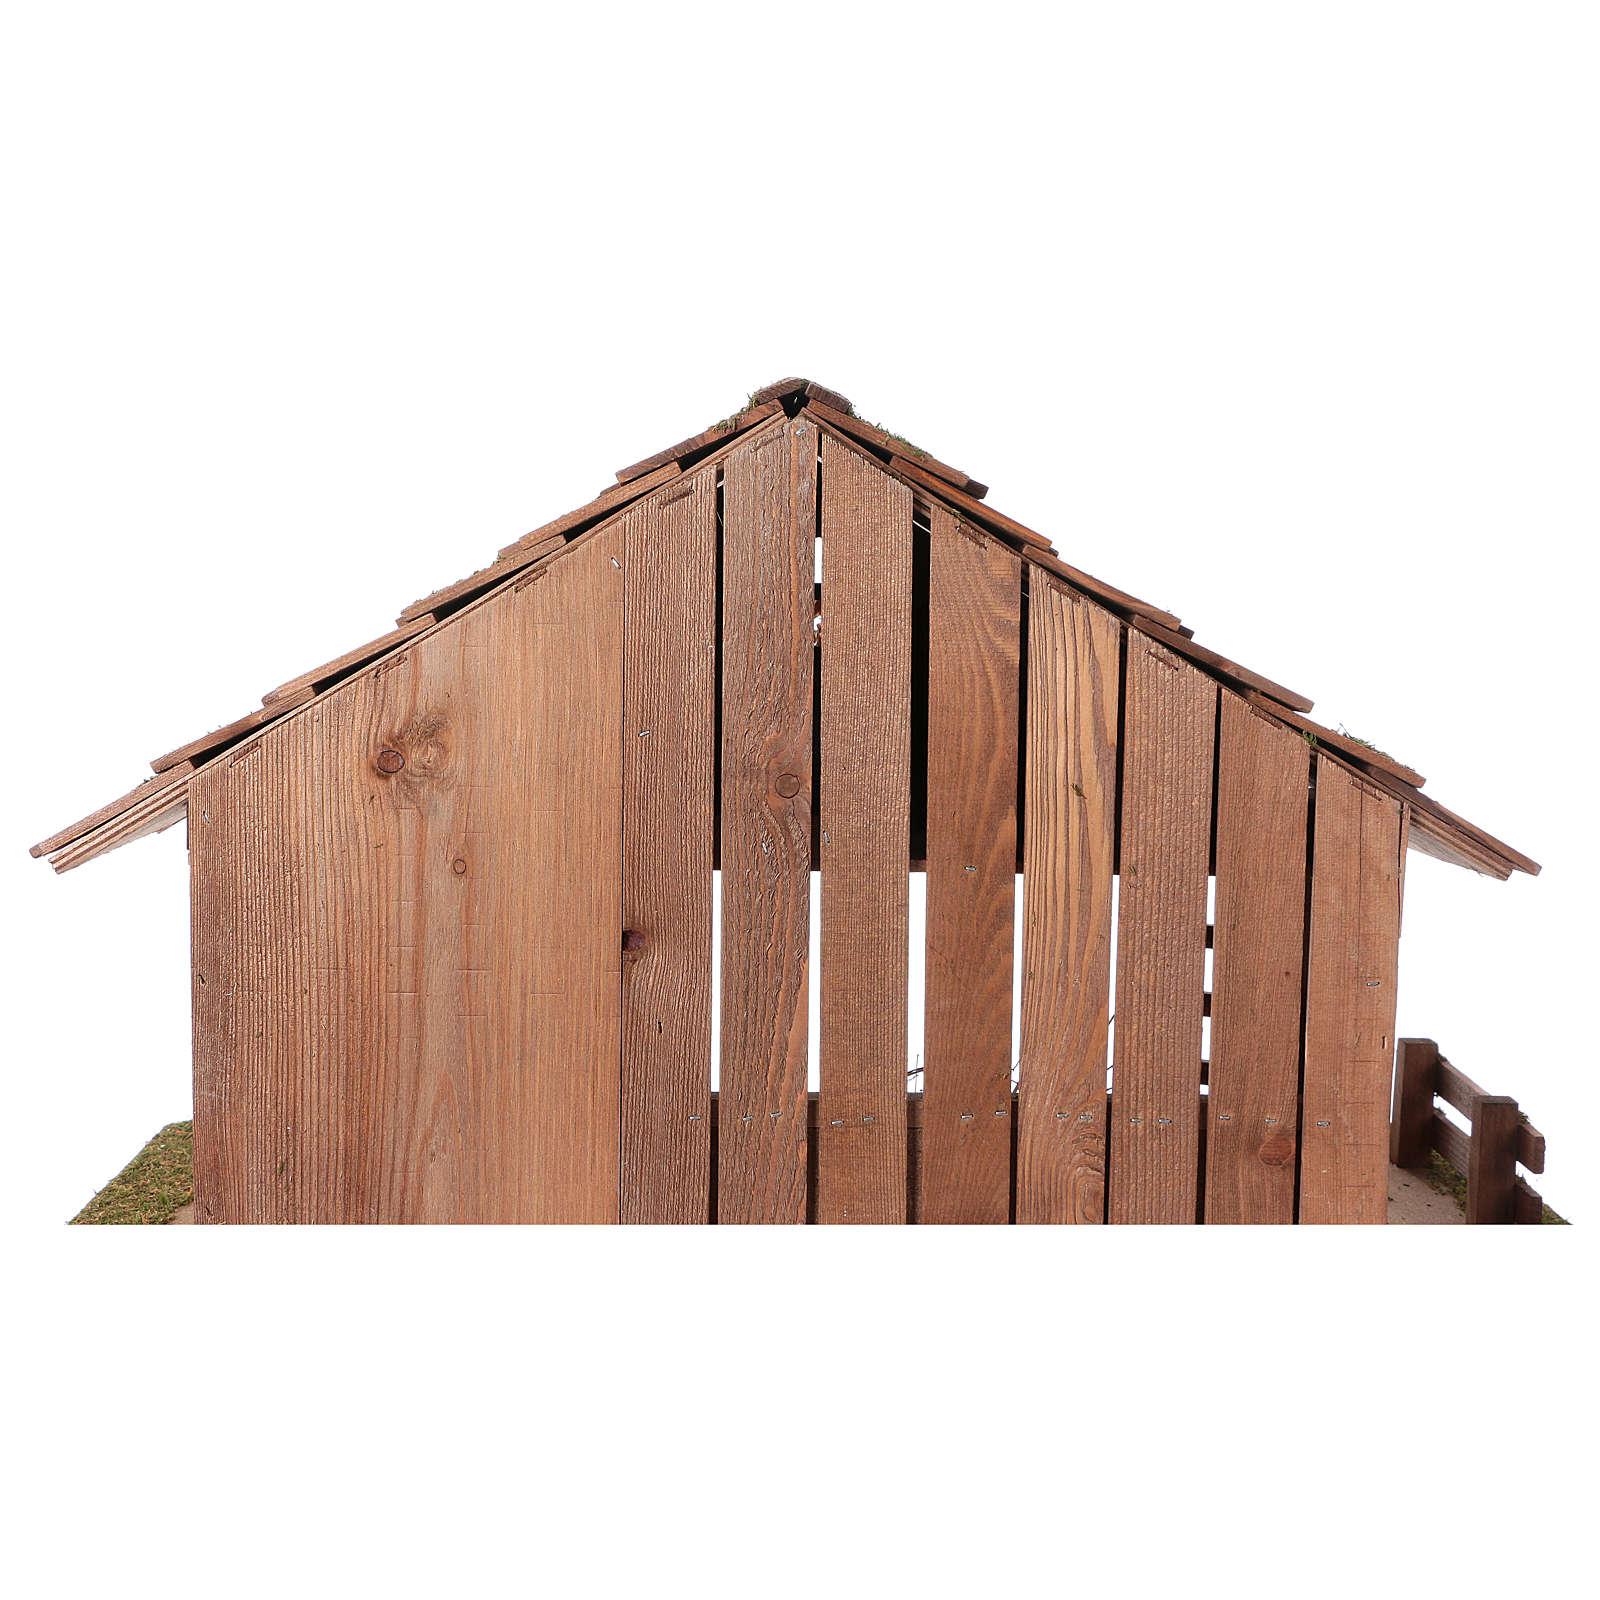 Cabaña estilo nórdico con altillo y habitación 34x59x30 belén 13 cm 4